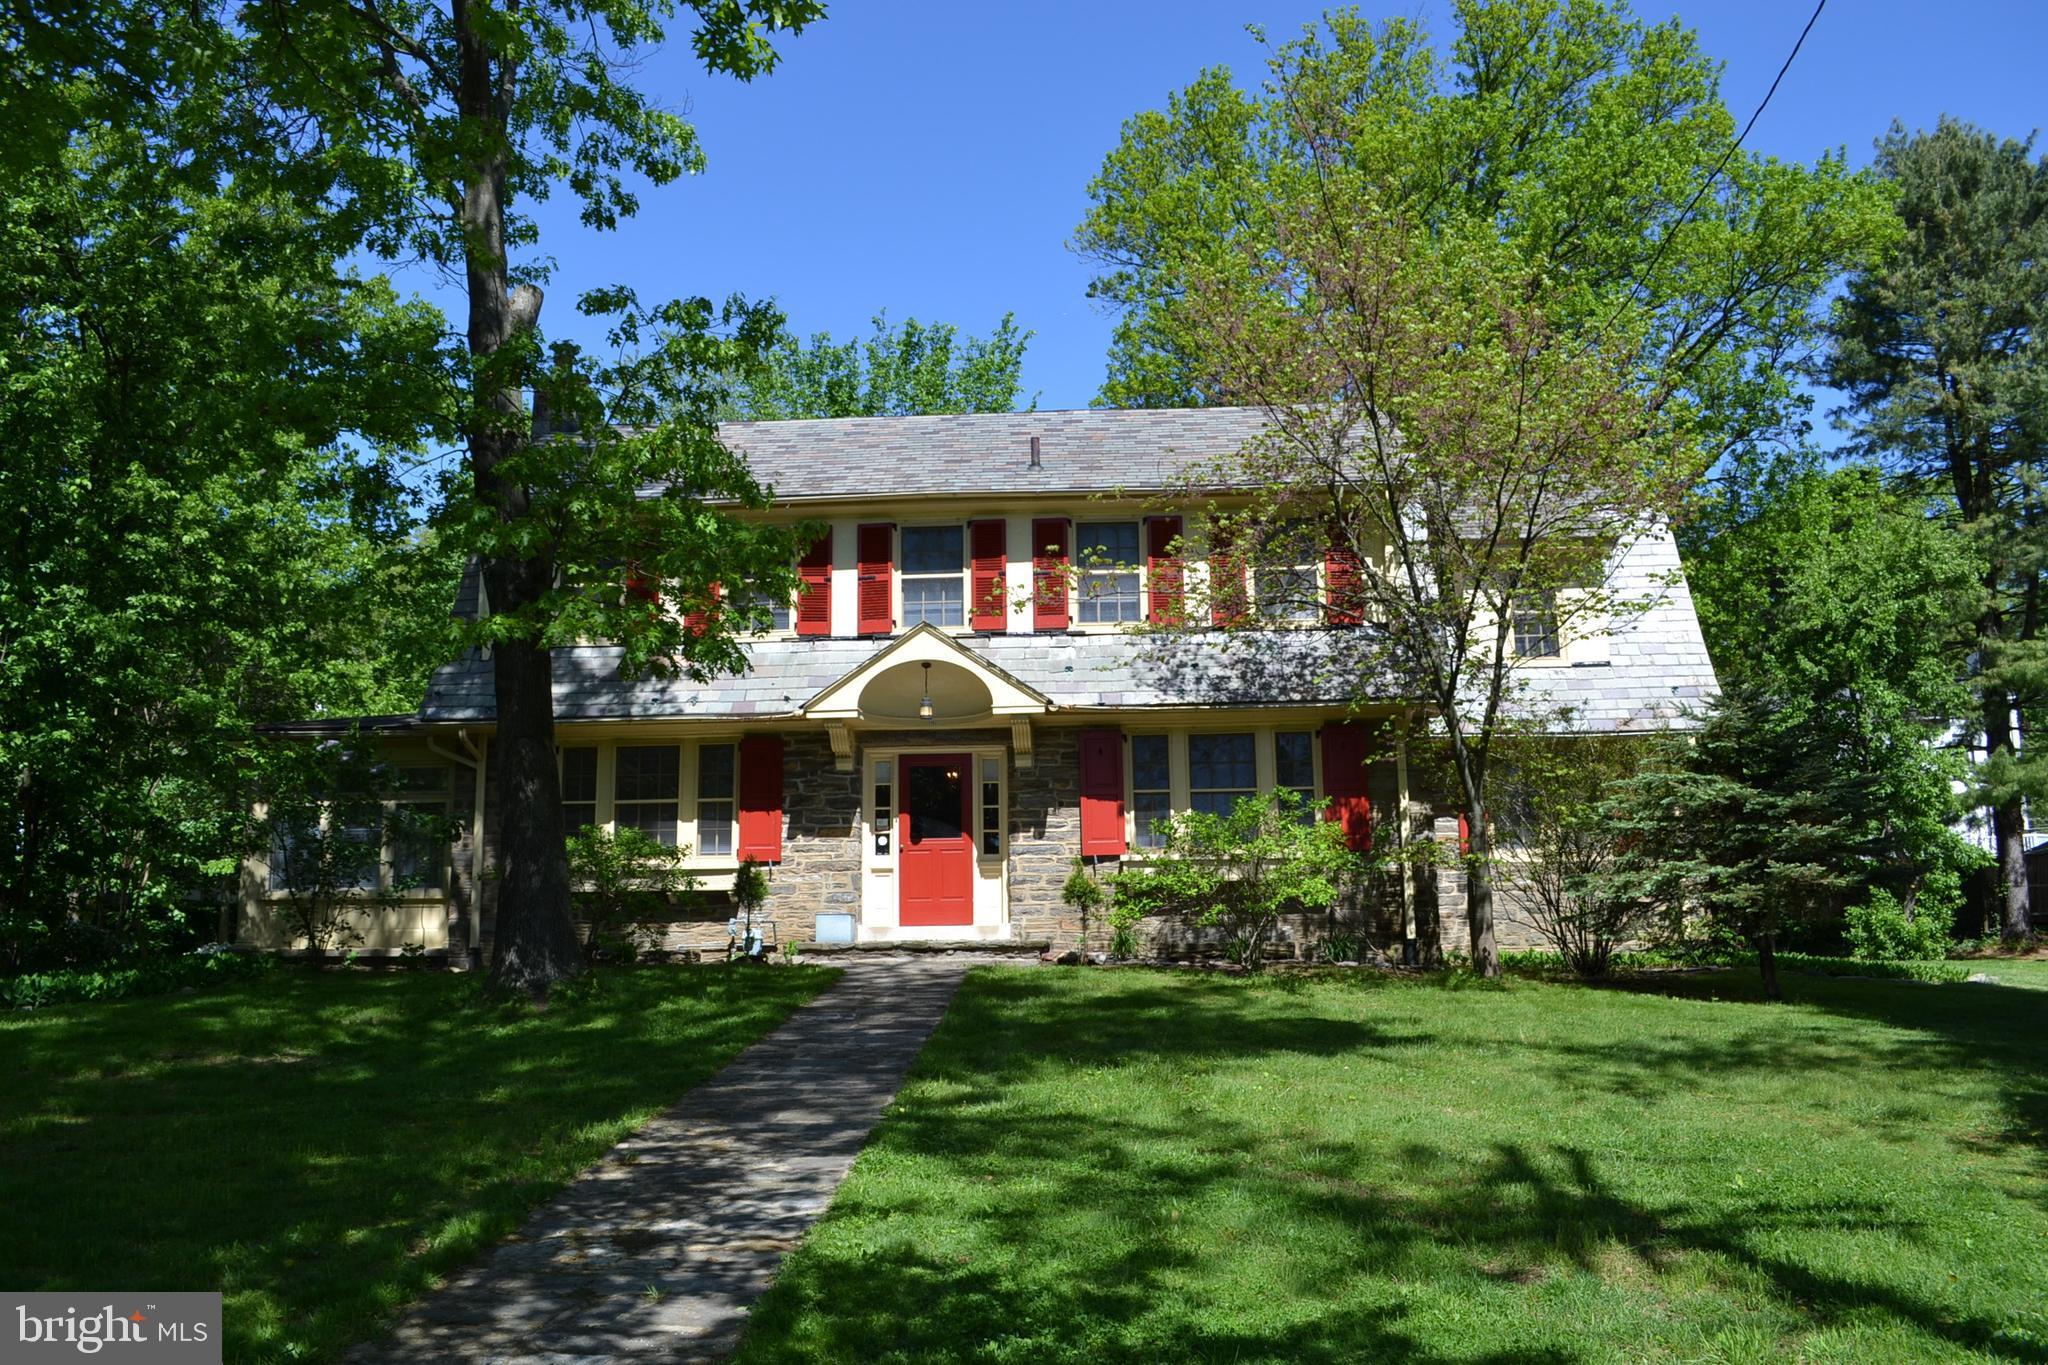 1462 WHEATSHEAF LANE, ABINGTON, PA 19001